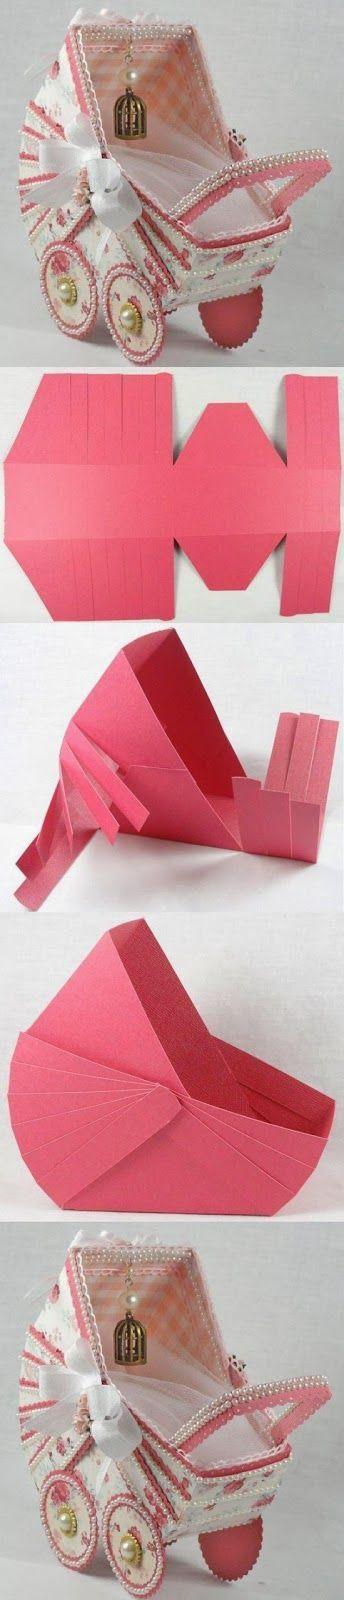 Diy Paper Stroller Diy Crafts Tutorials Ok This Is A Bit